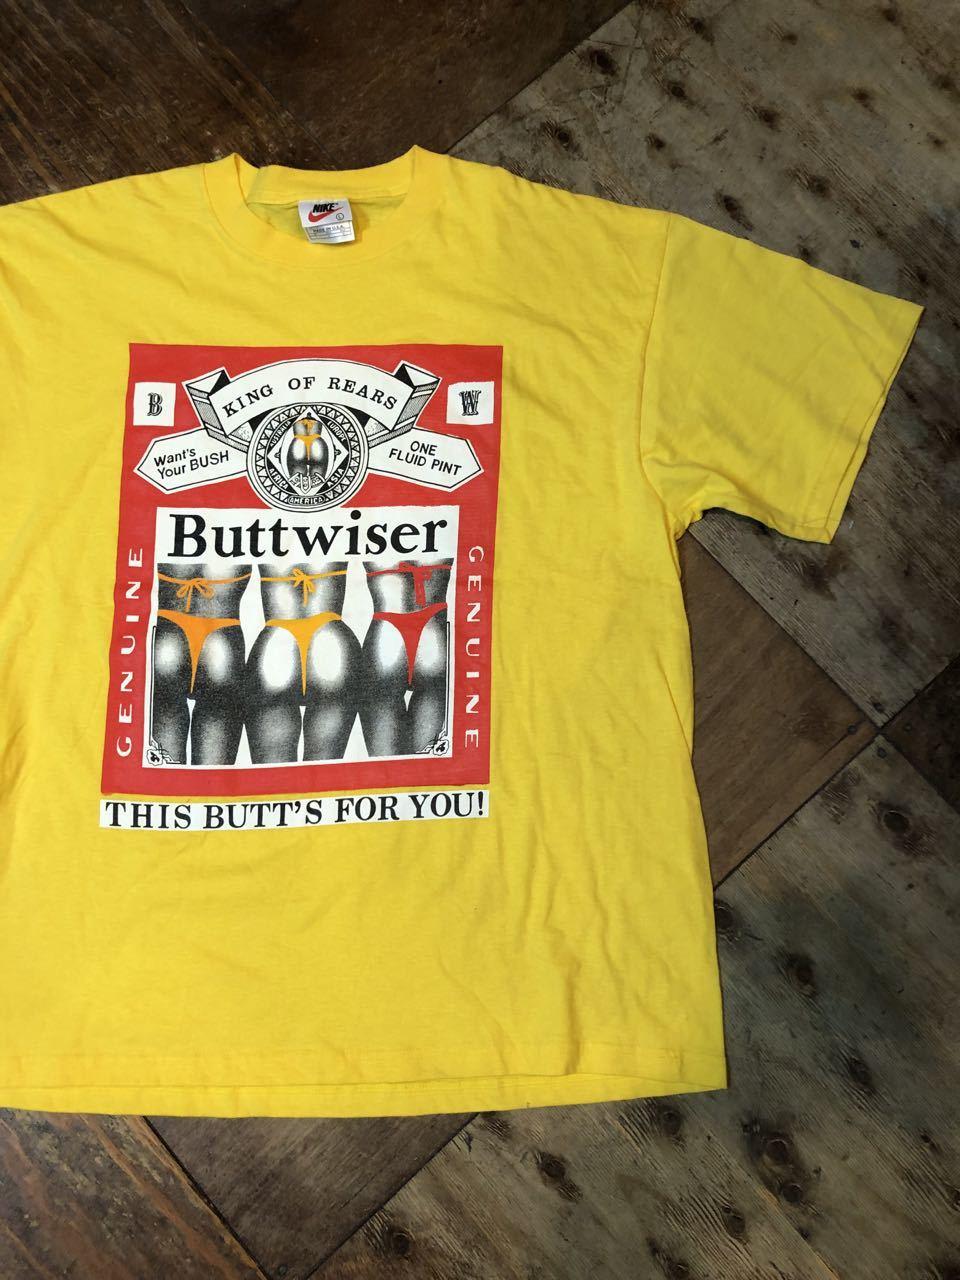 6月9日(日)入荷! 90s all cotton バドワイザー パロディー BUTTWISER Tシャツ!_c0144020_13144922.jpg